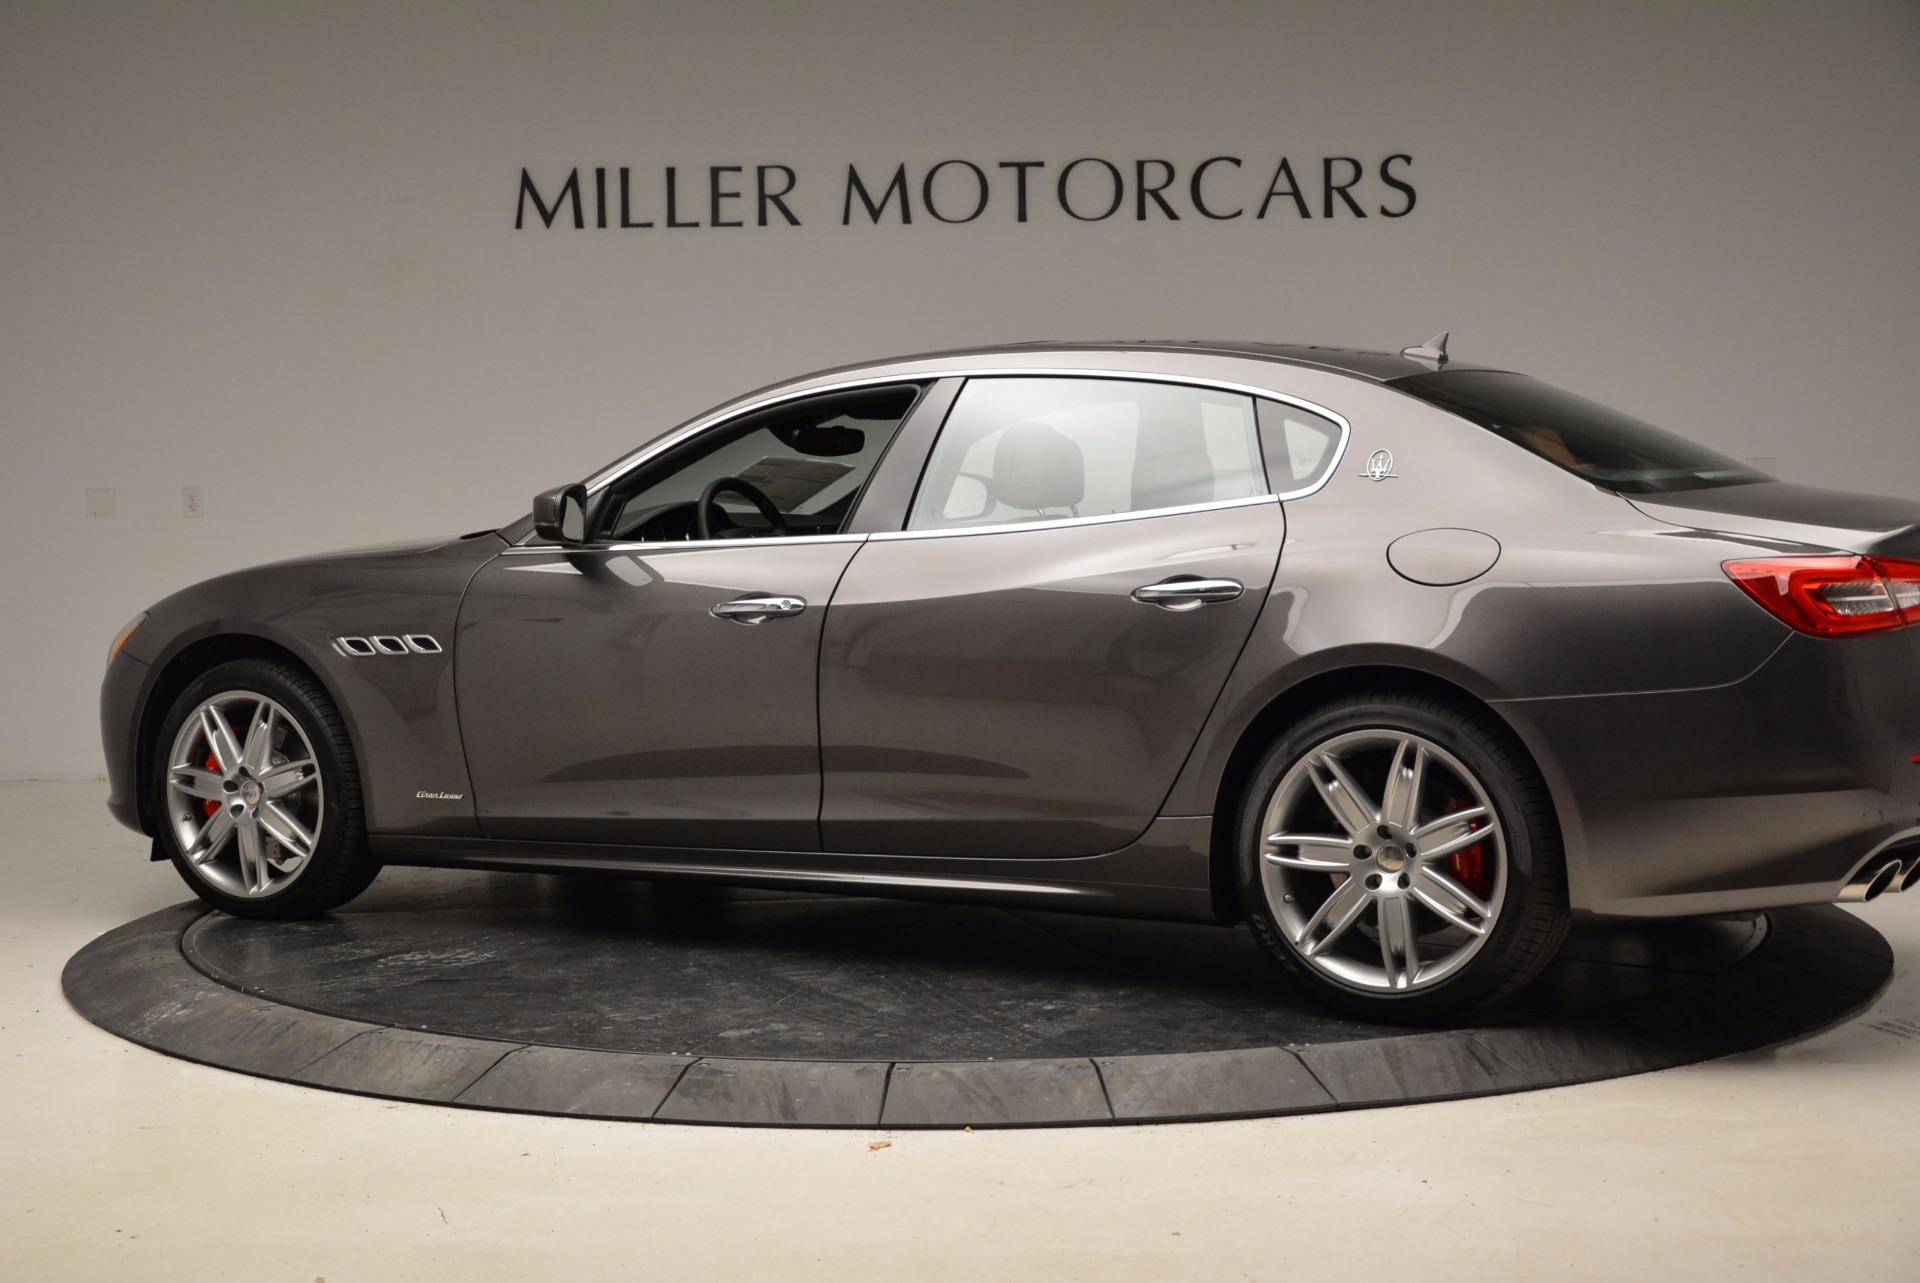 New 2018 Maserati Quattroporte S Q4 GranLusso For Sale In Greenwich, CT 1888_p5